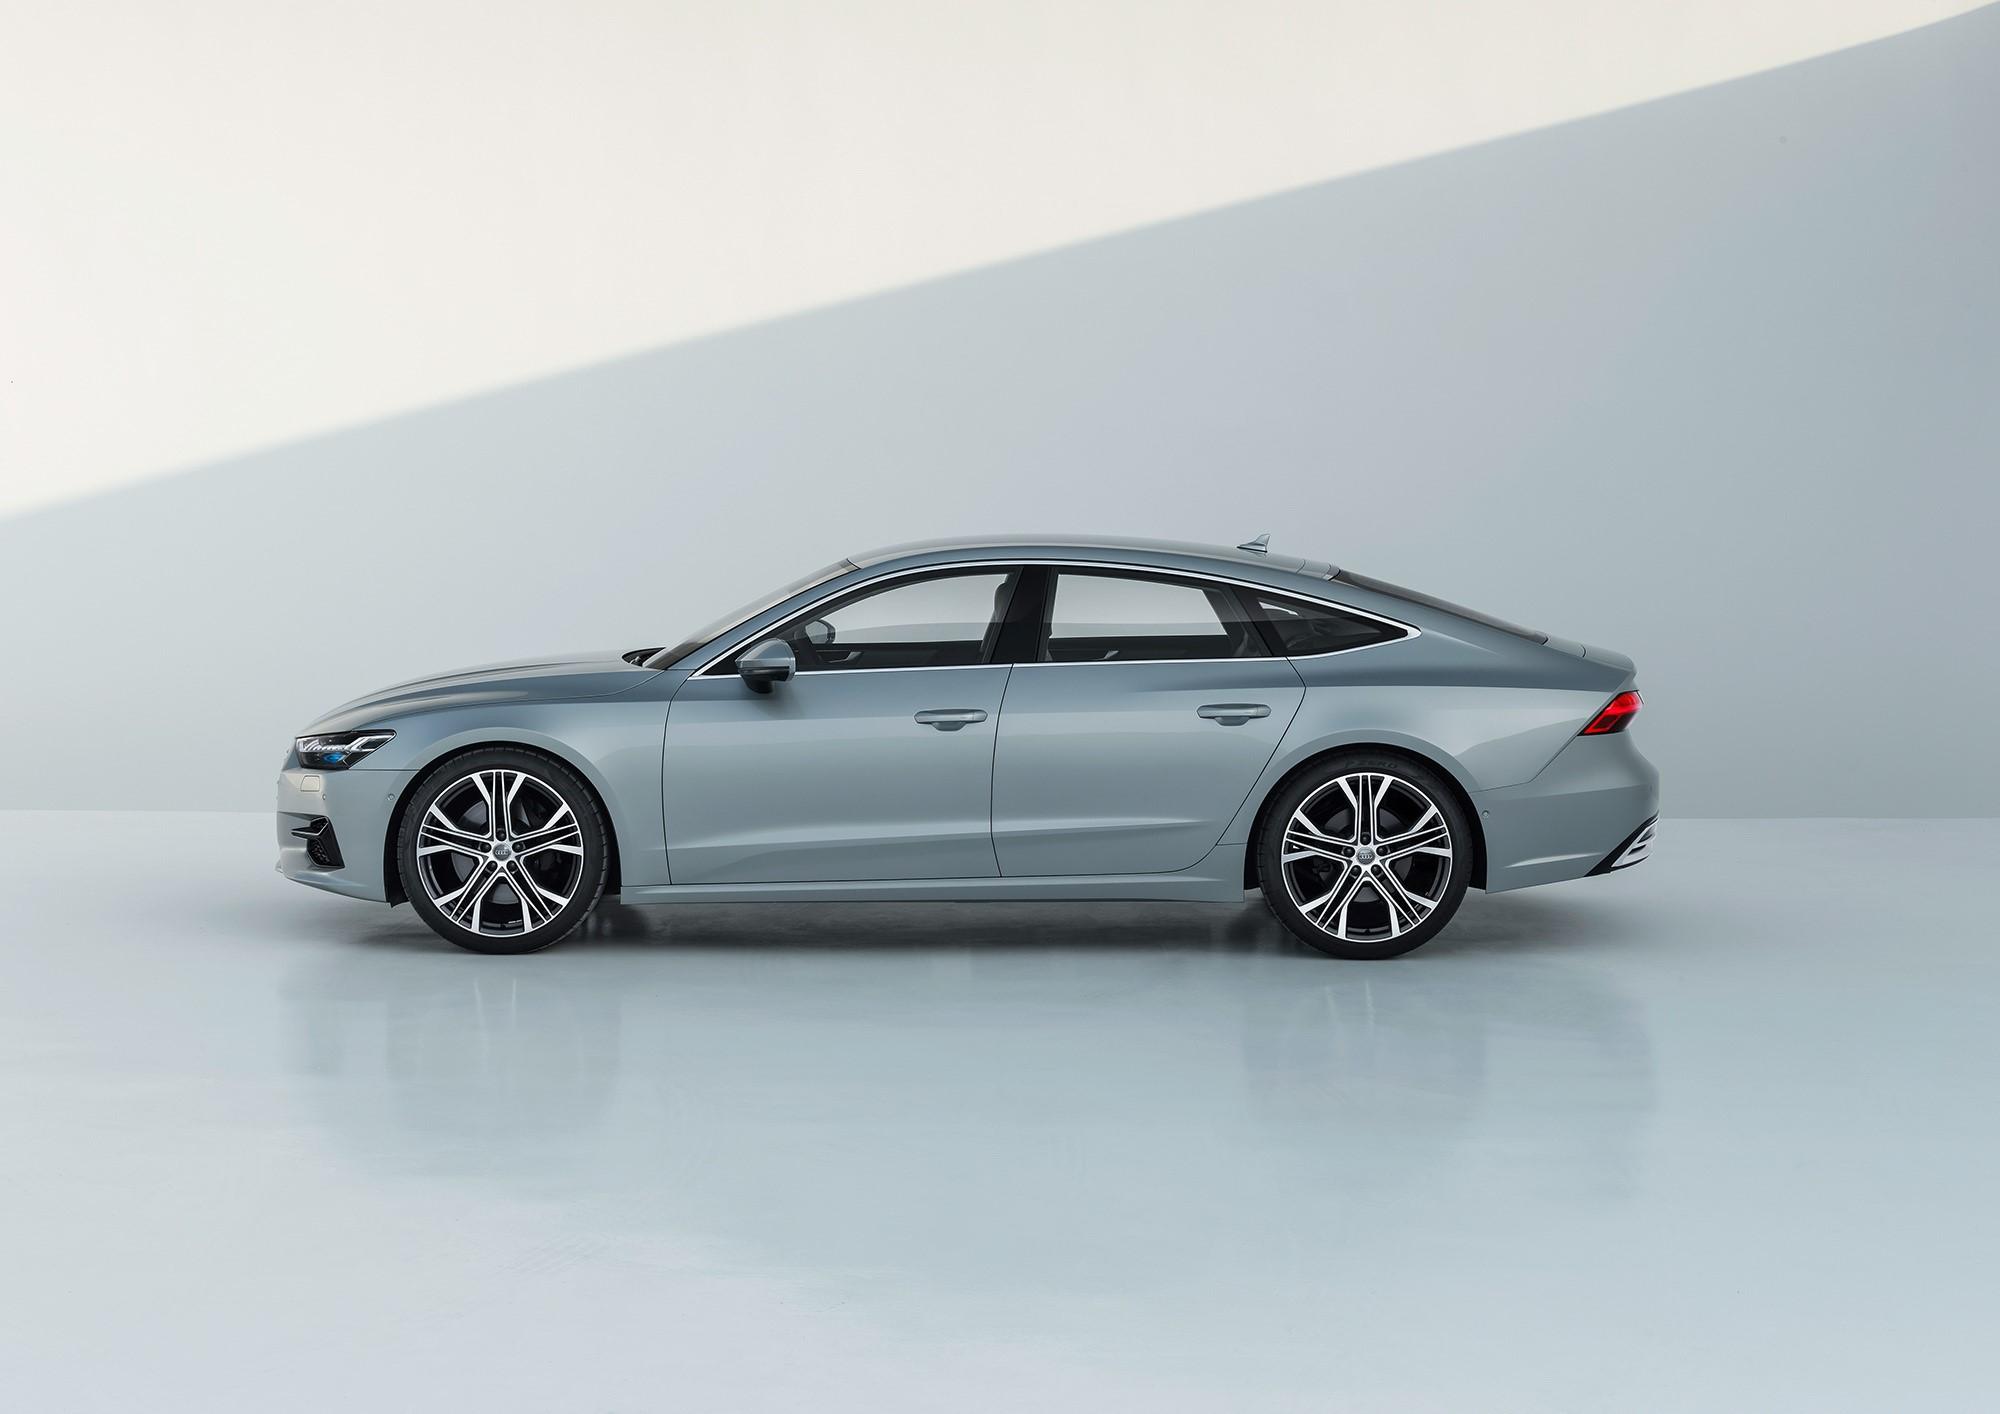 Audi A7 images